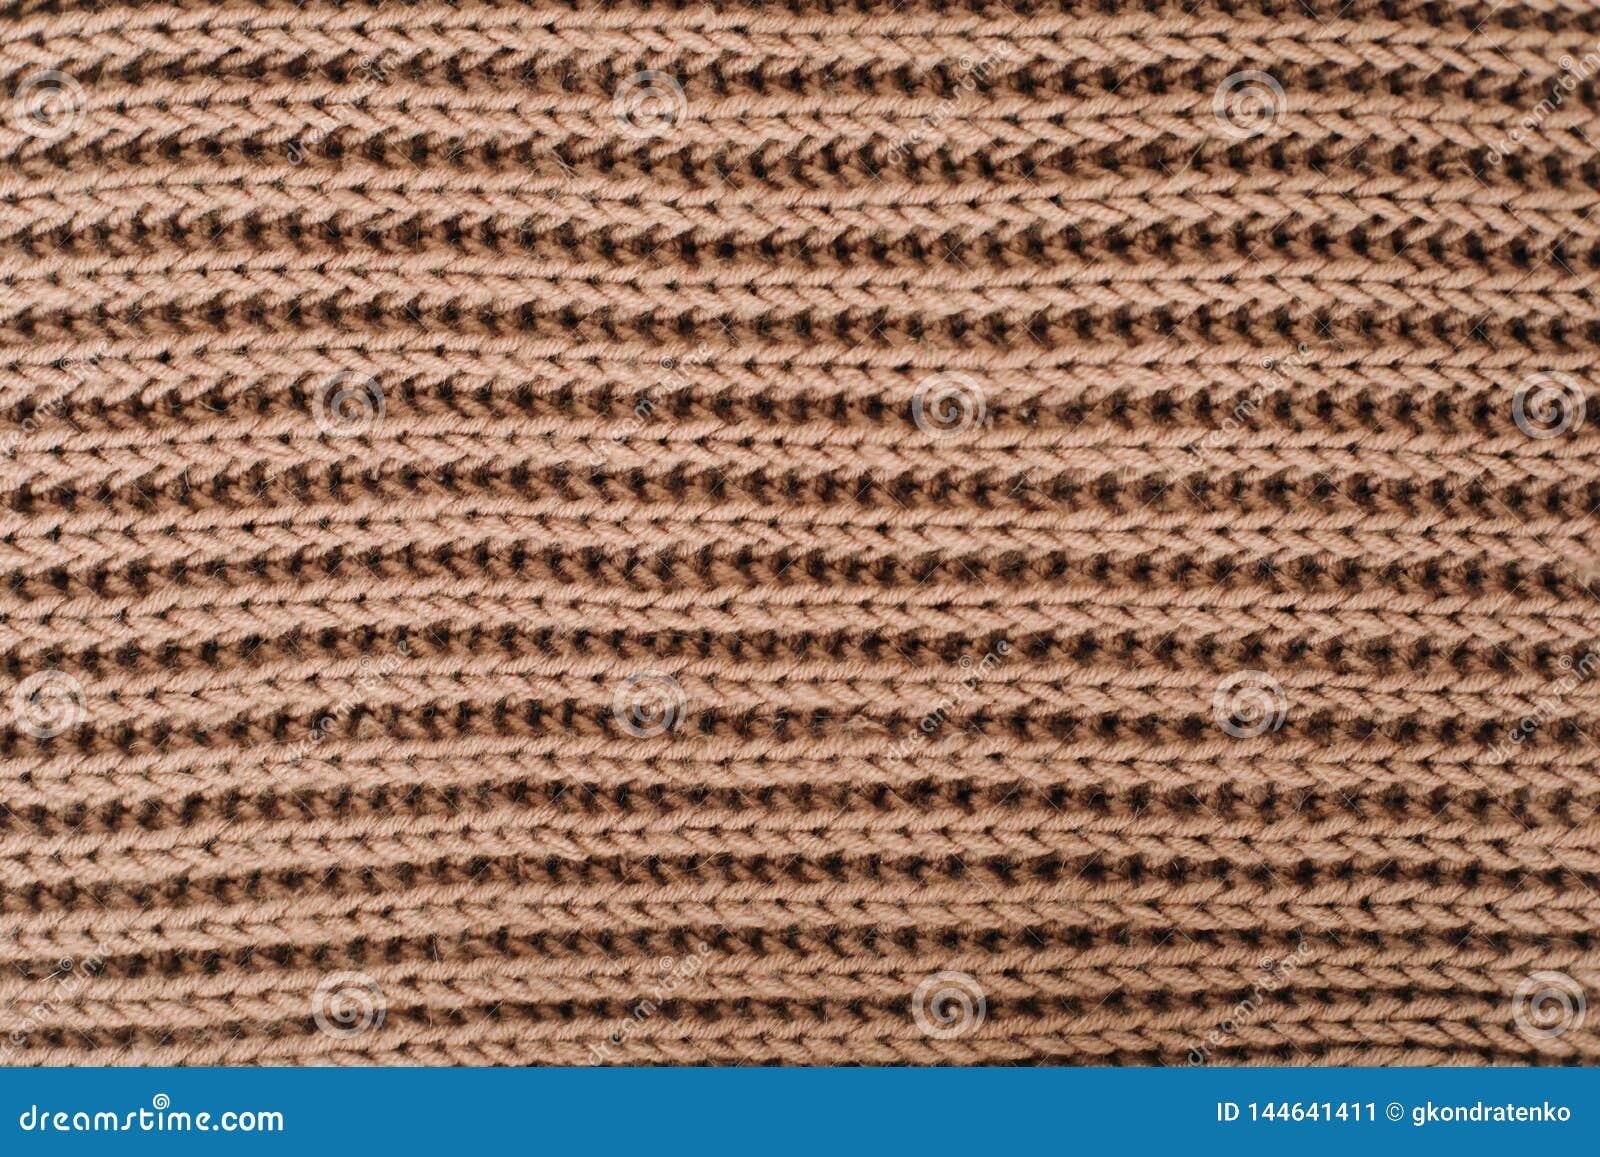 Gebreide achtergrond breiend patroon van wol knitting Textuur van gebreide wollen stof voor behang en een abstracte achtergrond